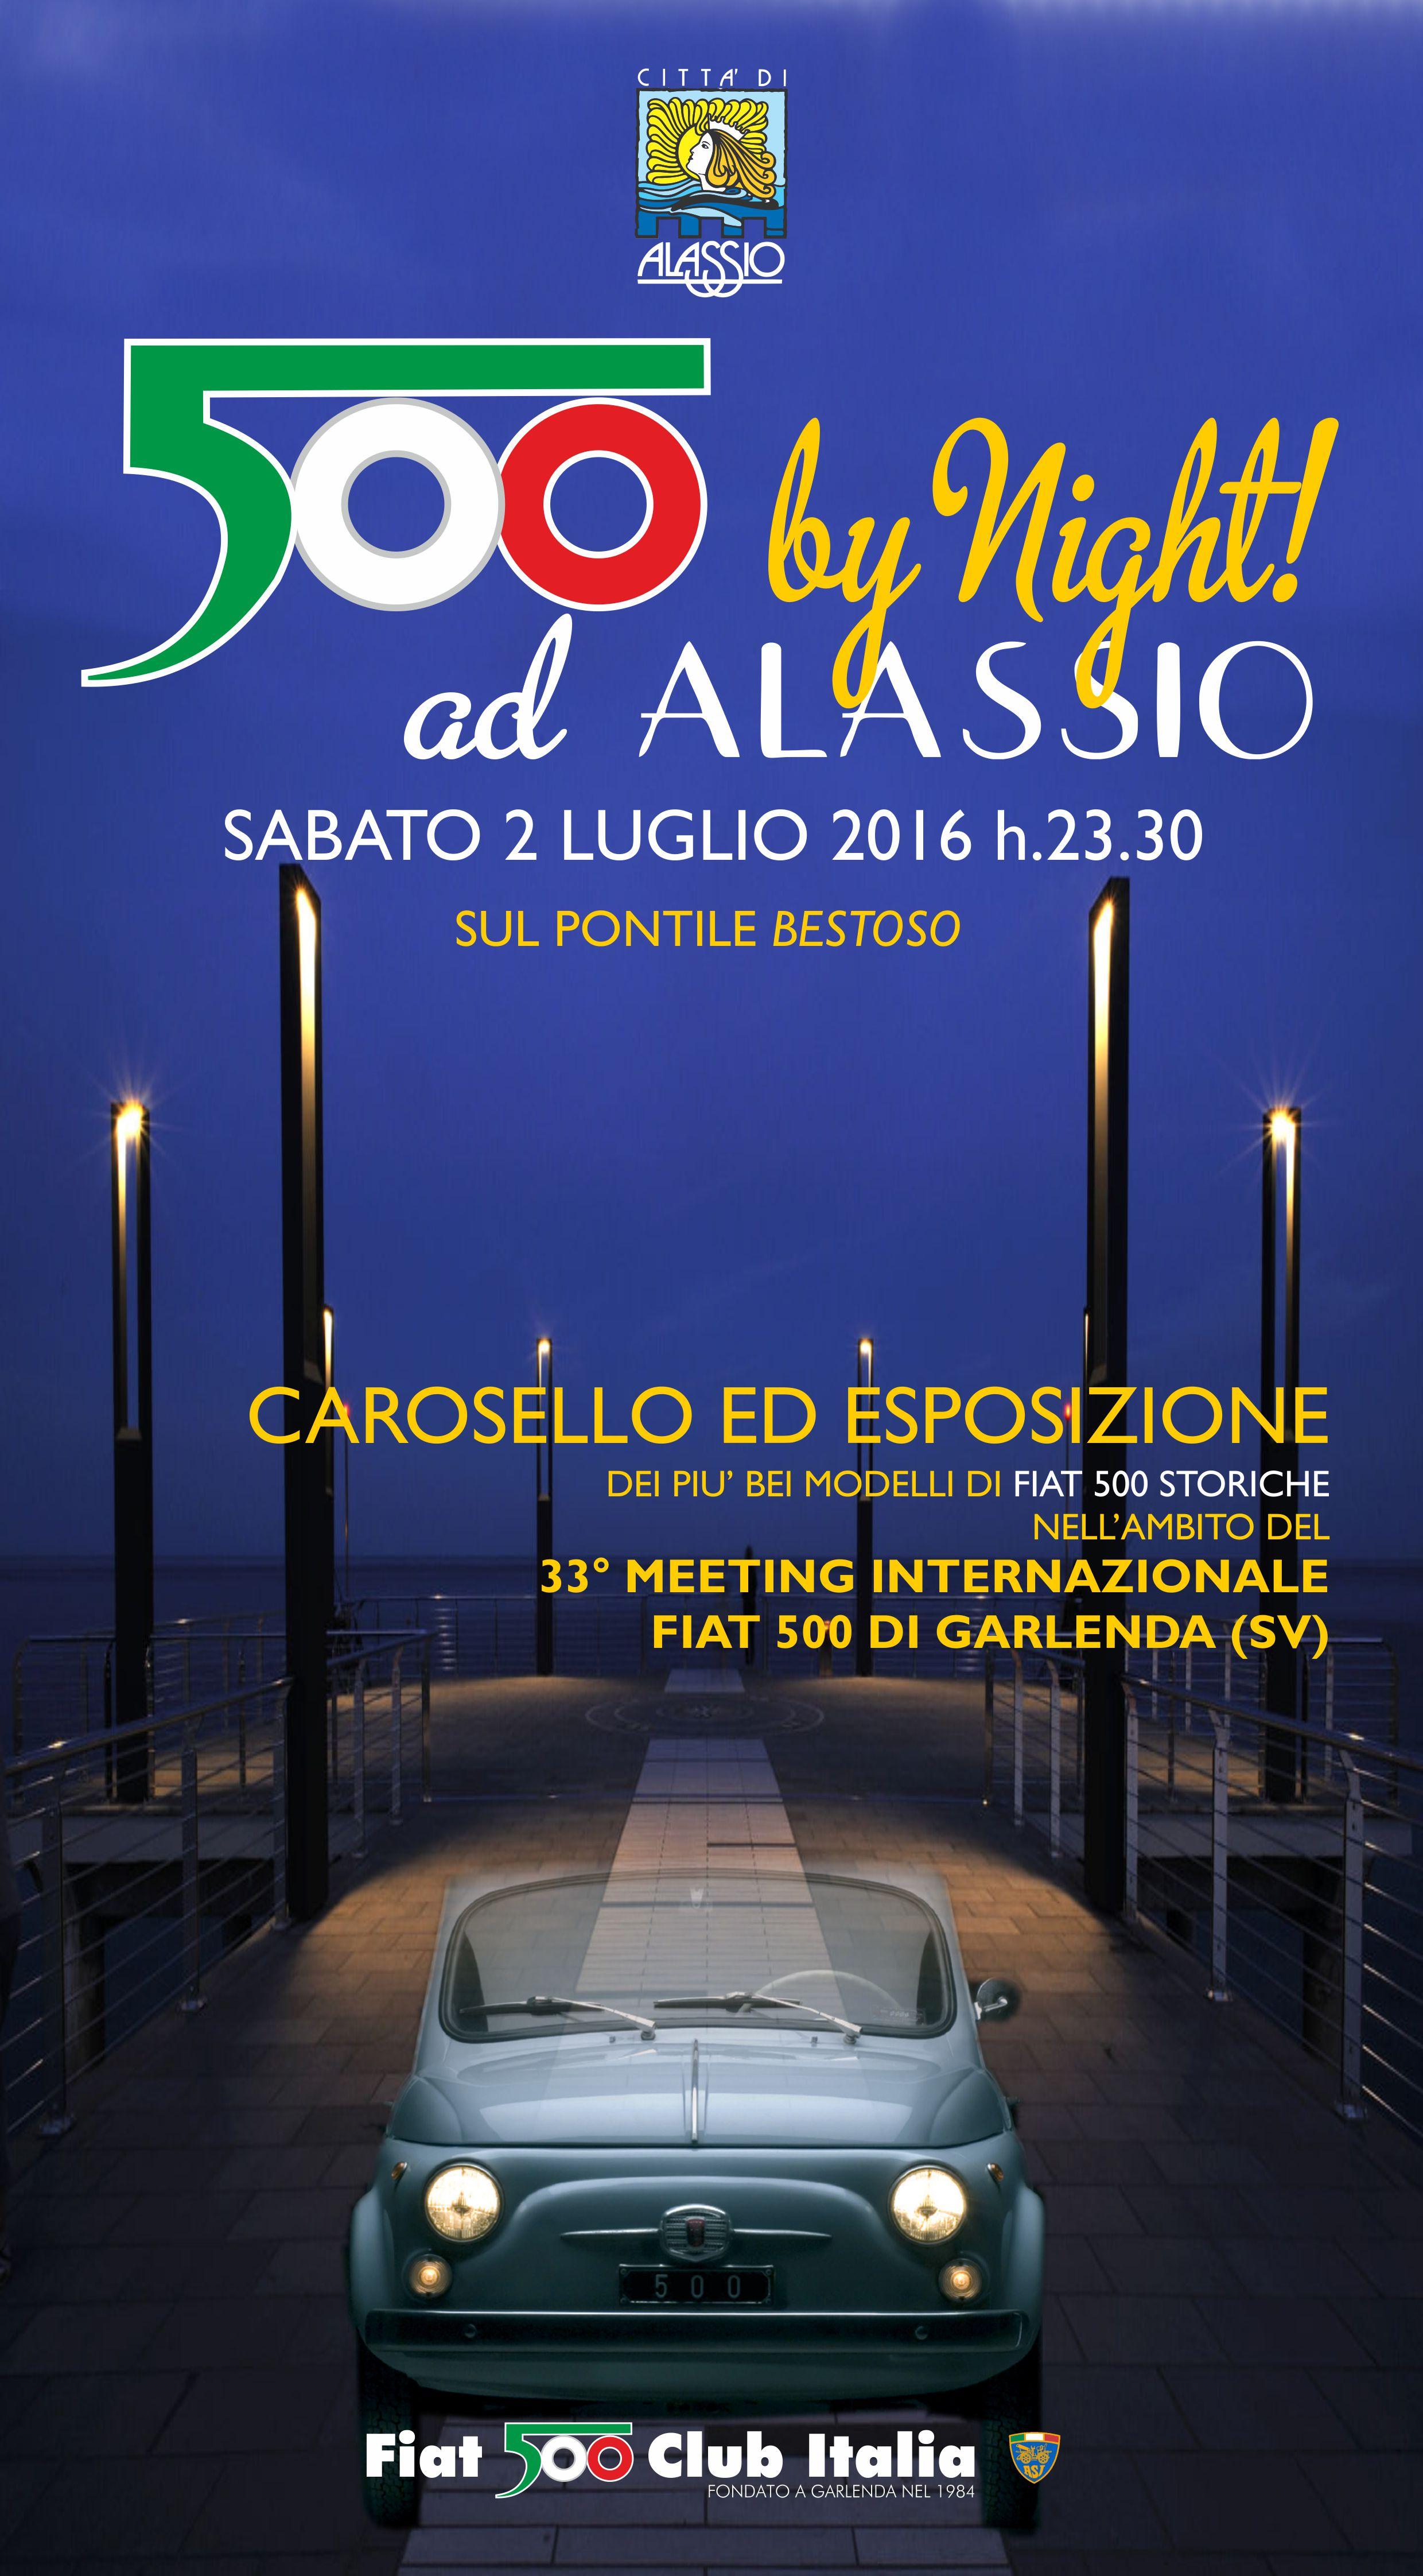 Alassio-500 by Night